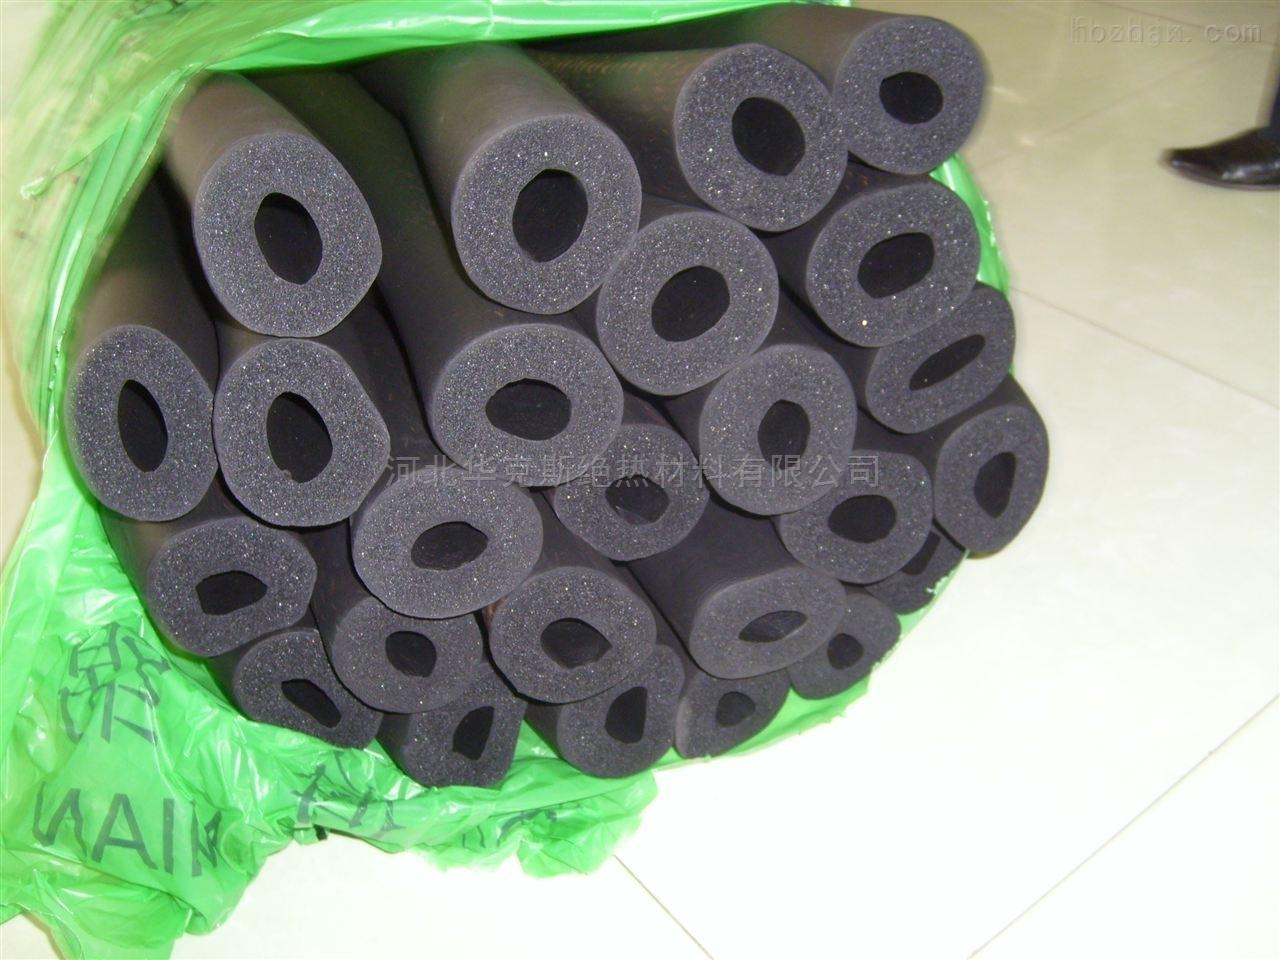 彩色橡塑保温管体积